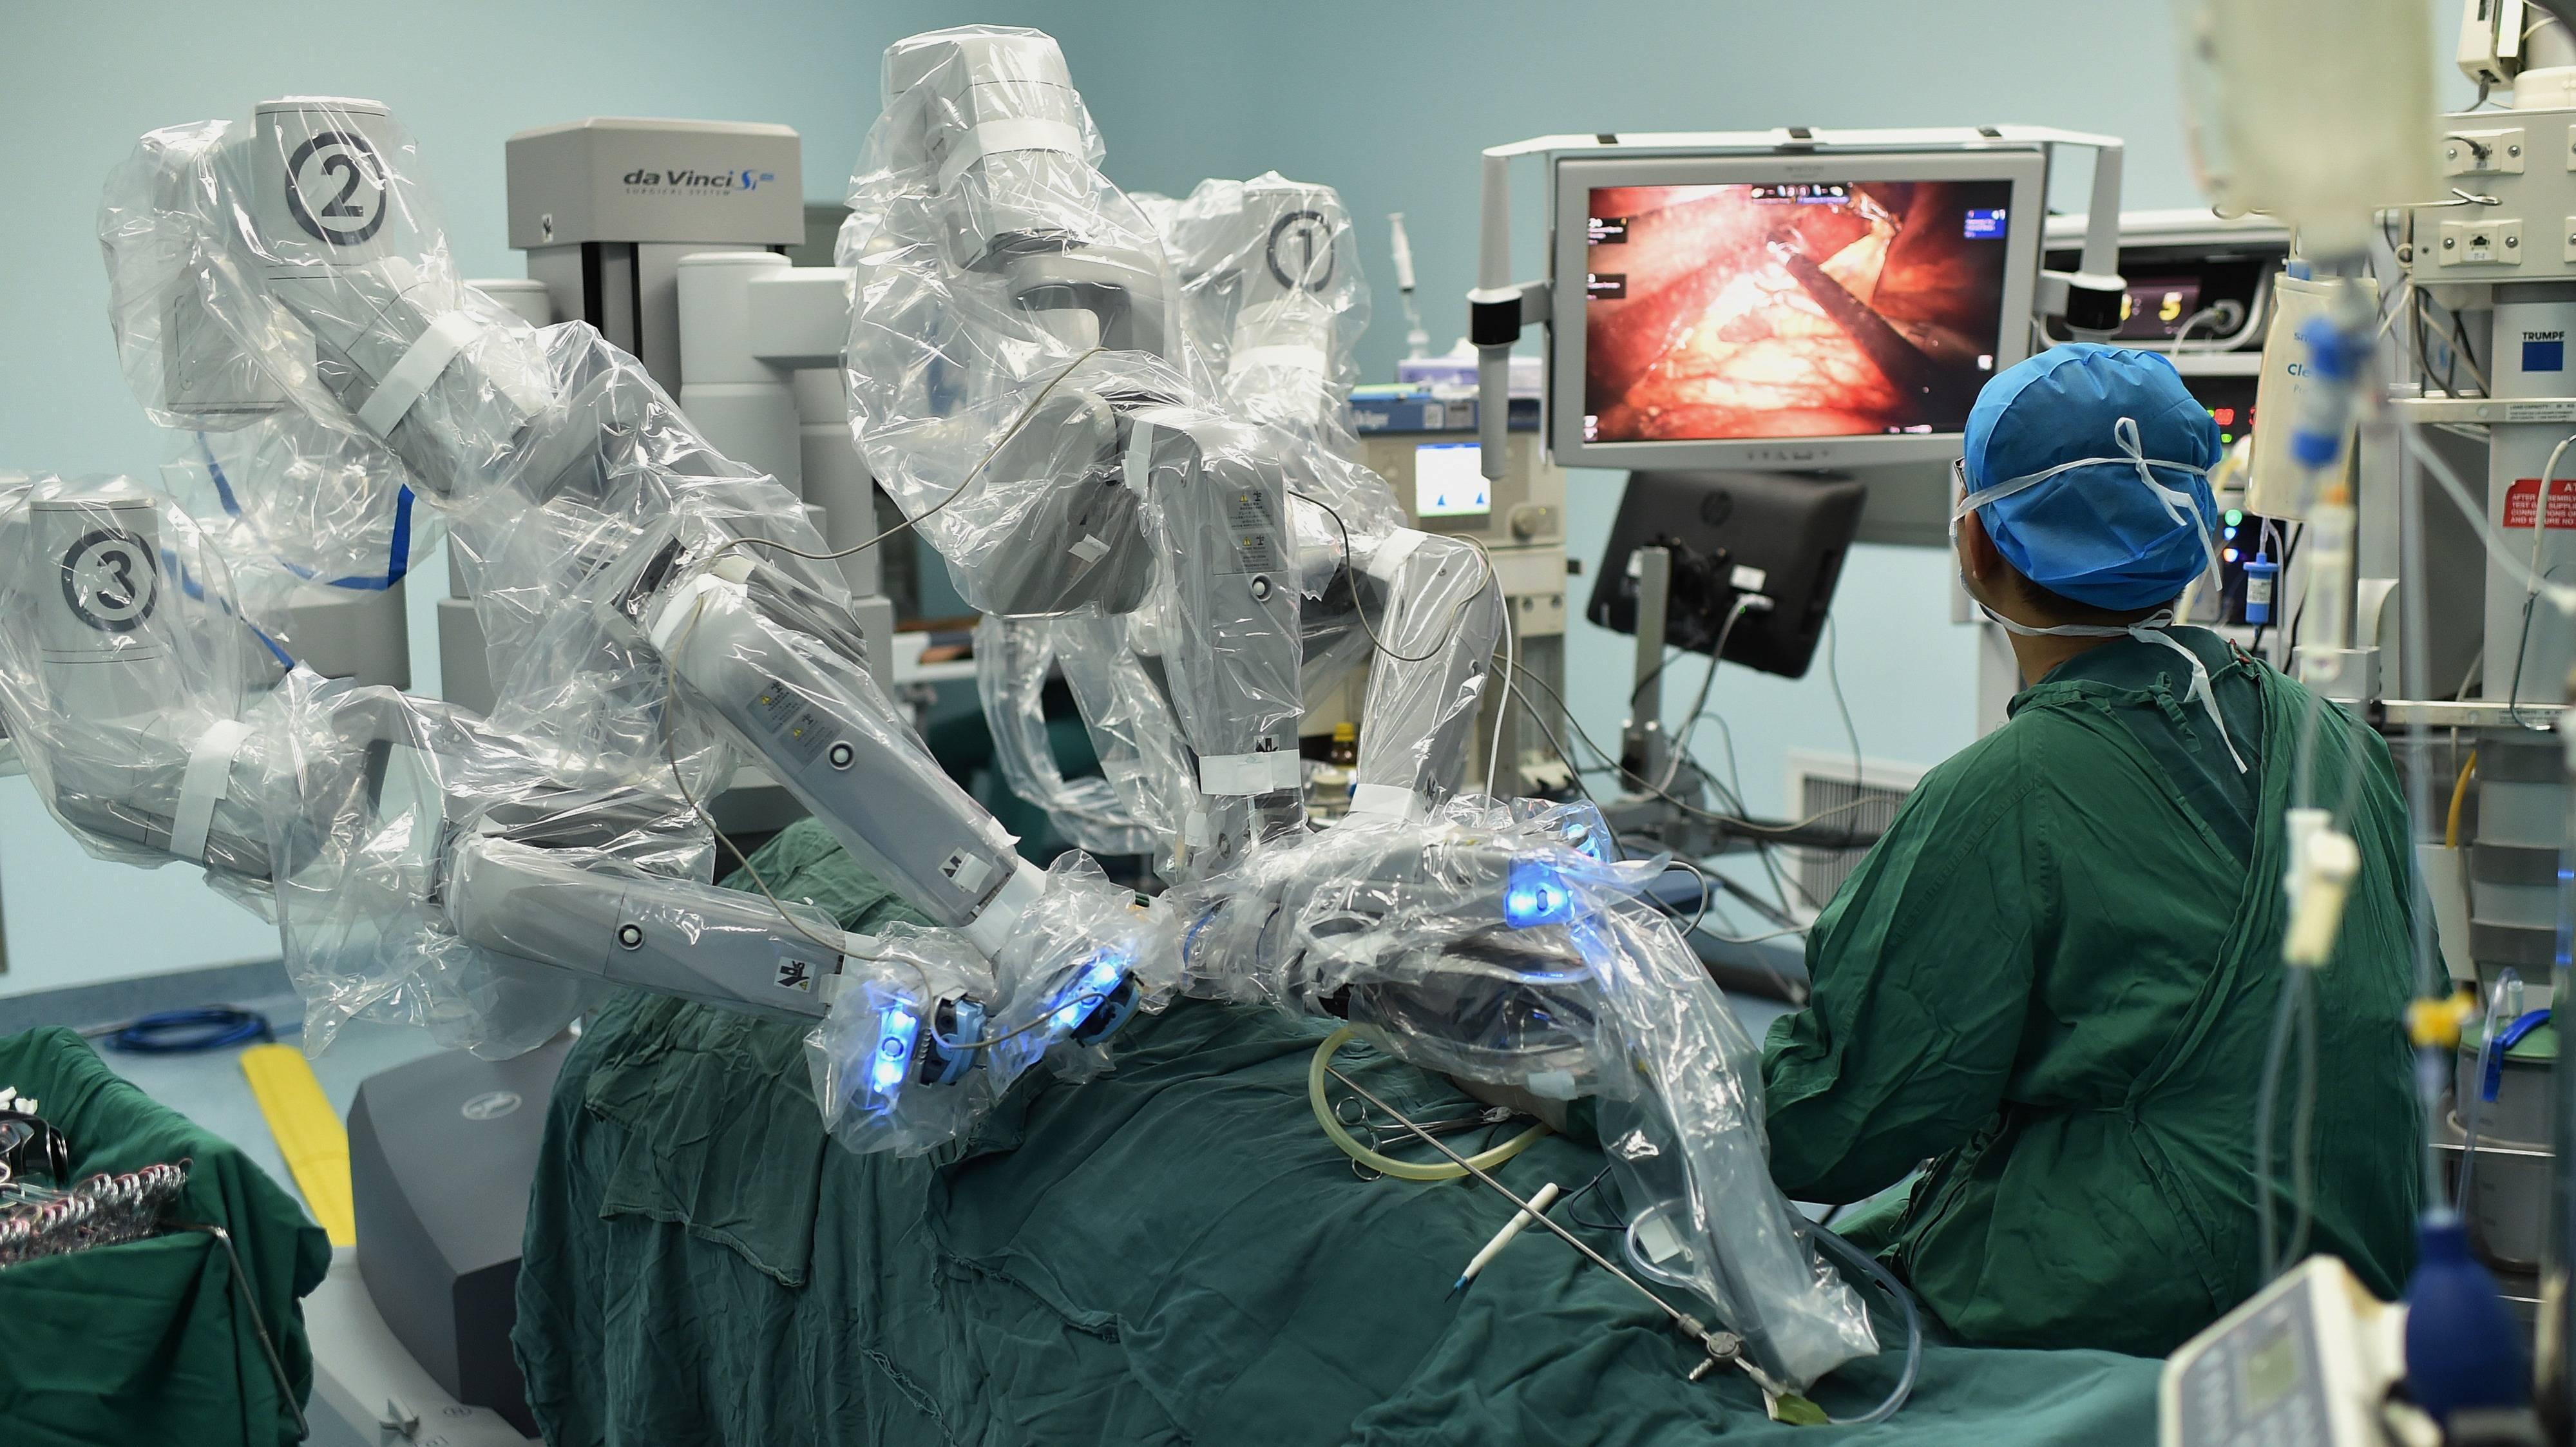 """珠海医院""""妙手""""机器人上岗 实现亚毫米级手术精度"""